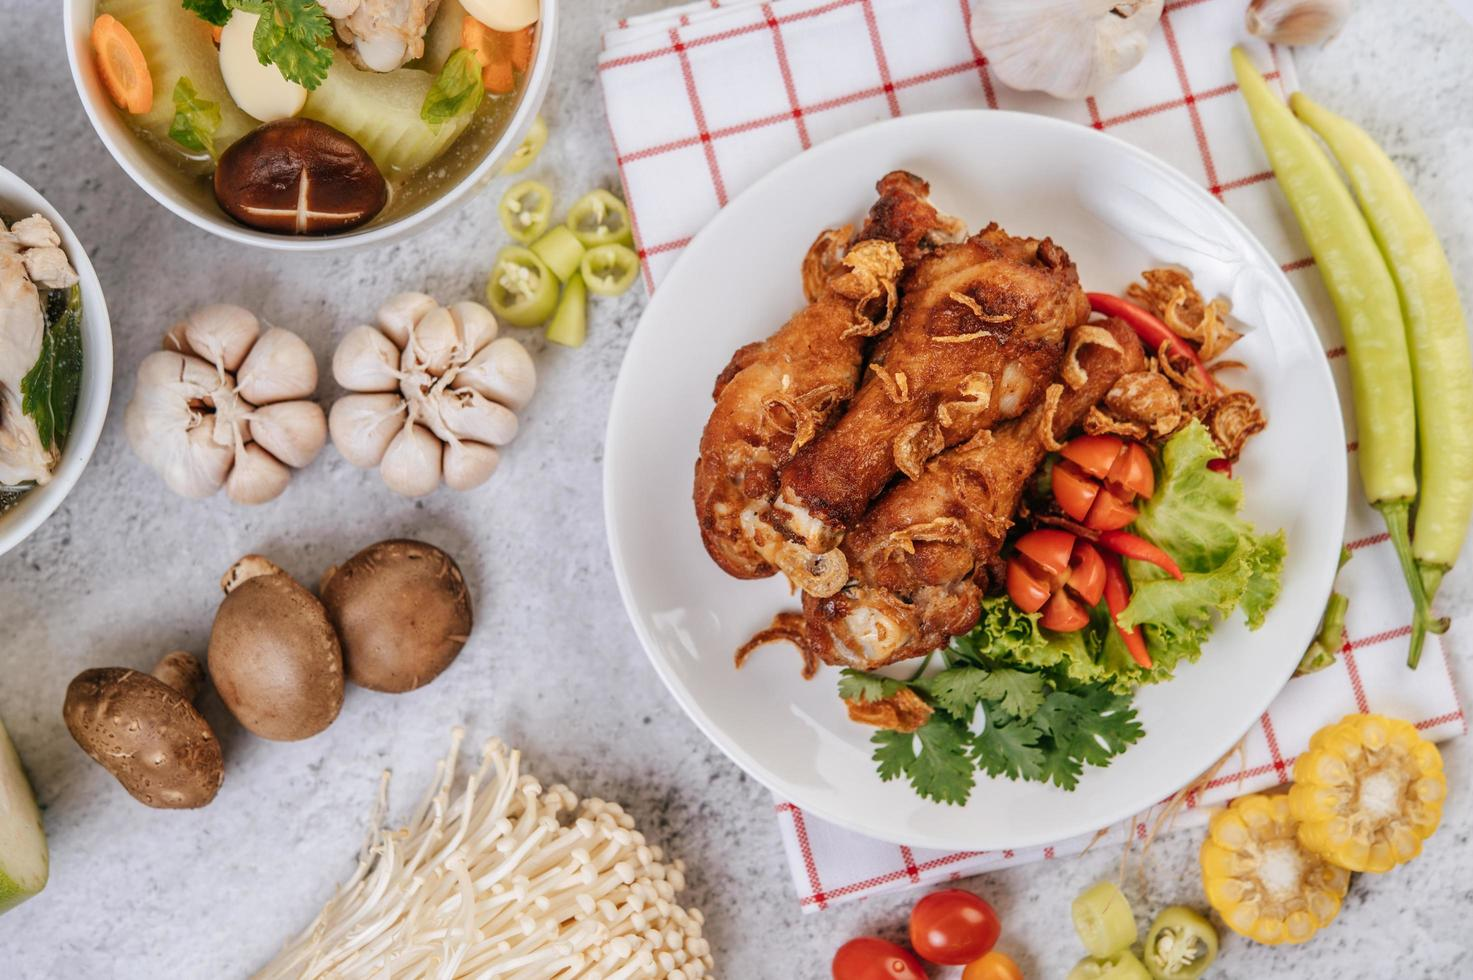 gebakken kippenpoten met tomaat, chili, gebakken ui, sla, mais en champignons foto